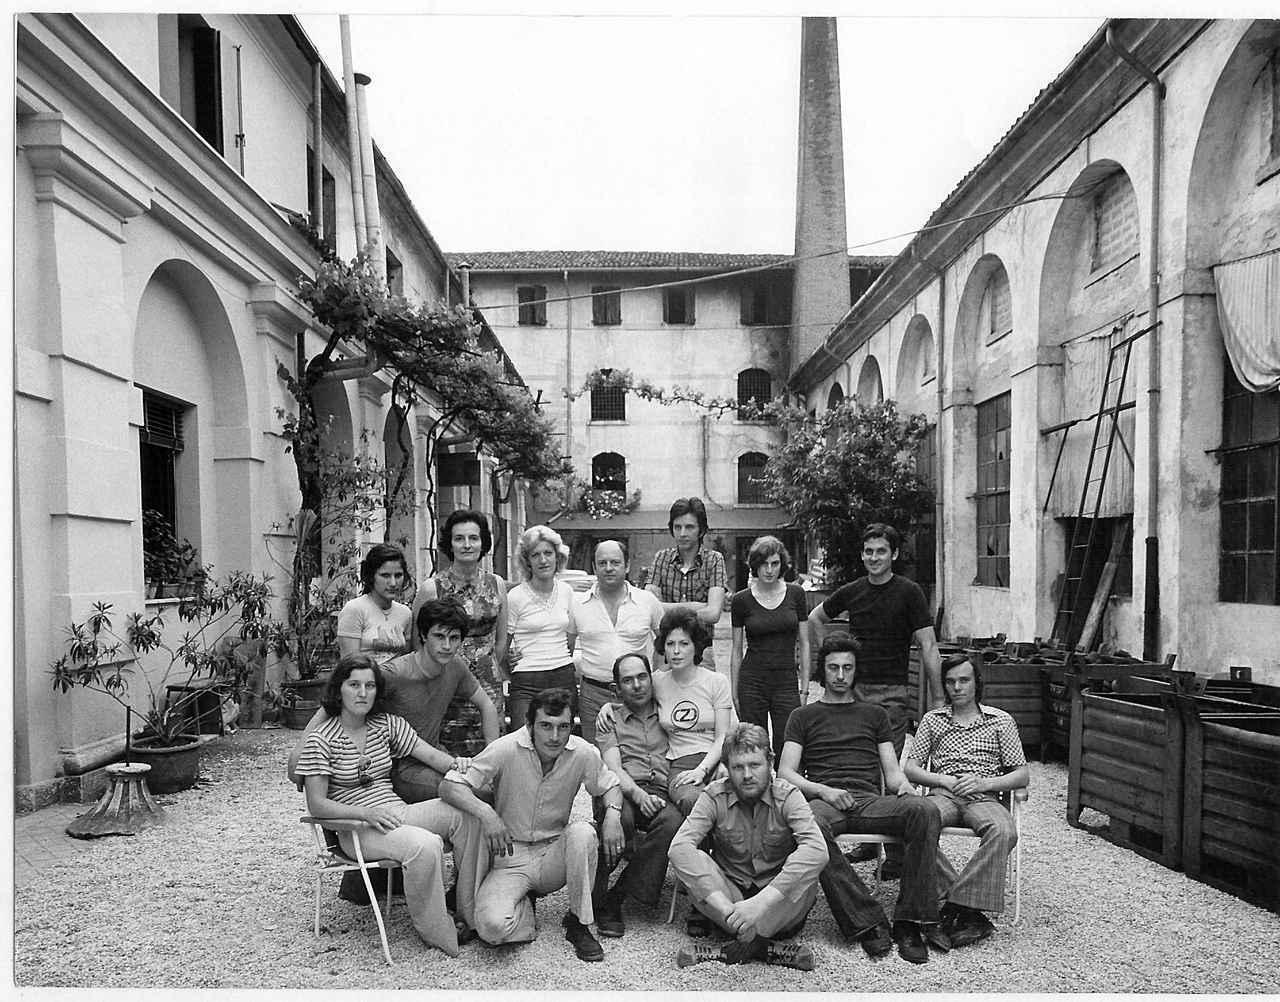 画像: 1971年、シルヴァーノ・オゼッラドーレとピエトロ・ゼンがイタリア ロッサーノ・ヴェーネト(ベネチアの近く)で創業した。